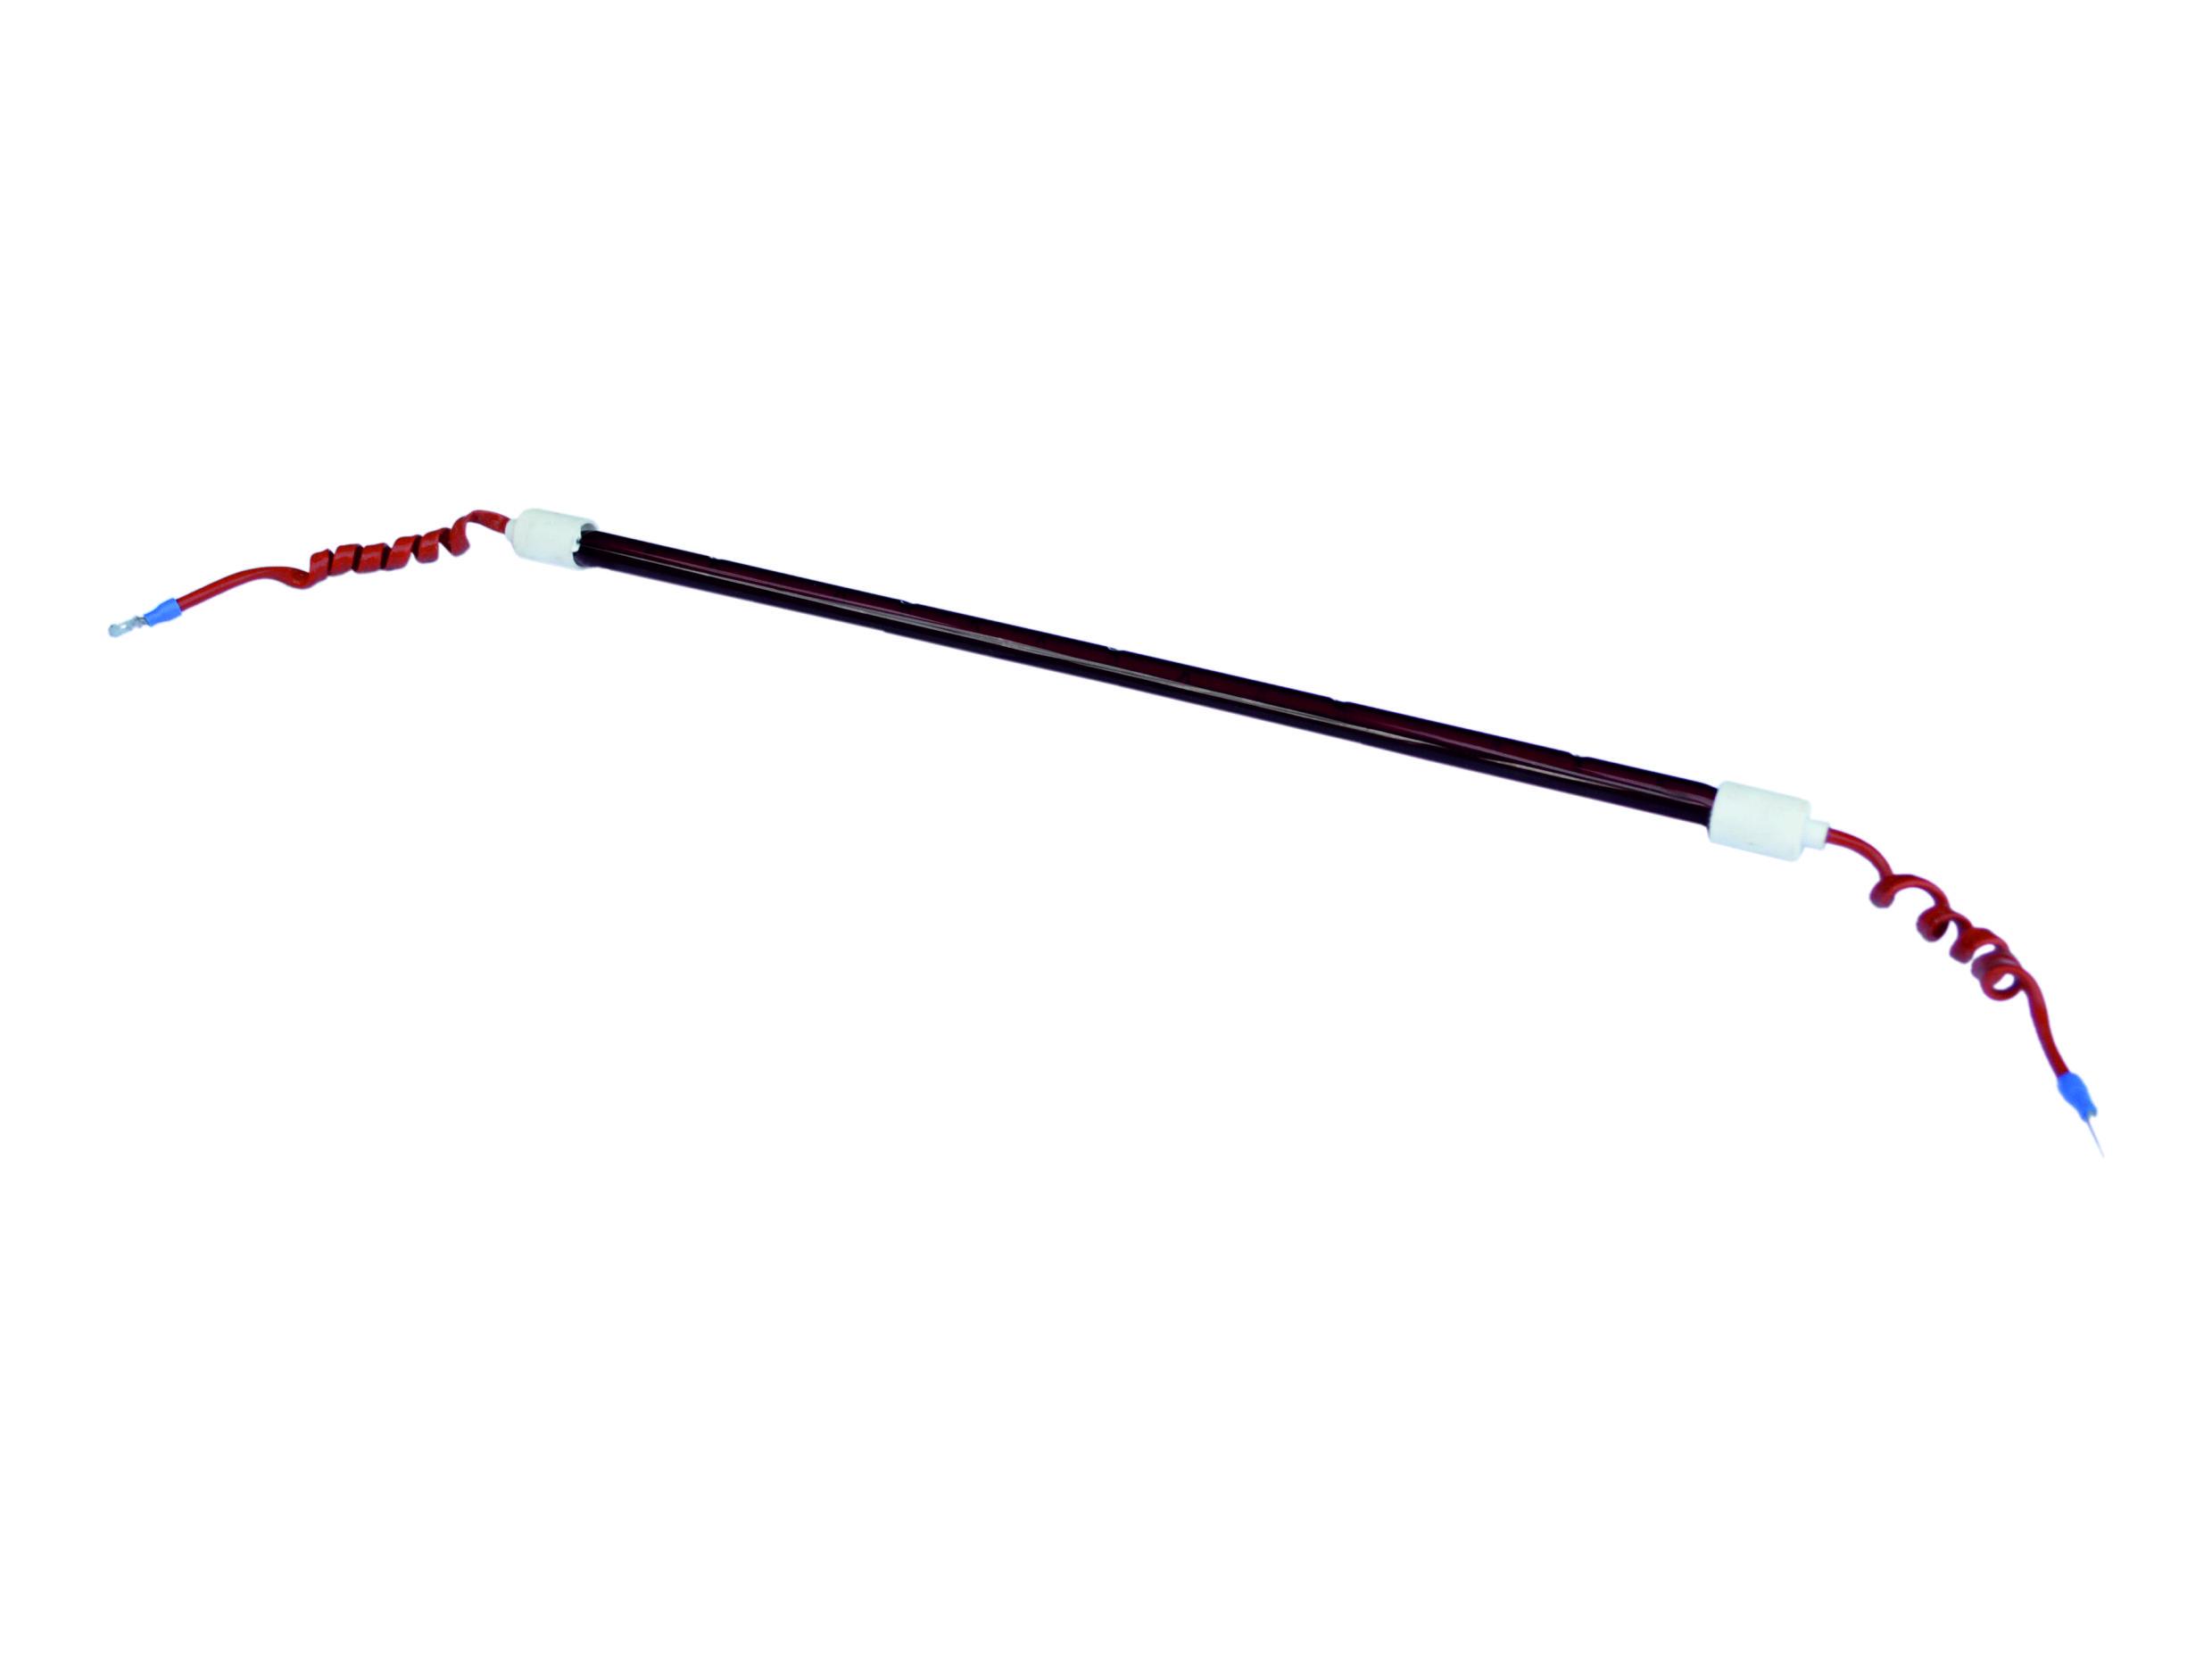 Лампа WiederkraftОборудование для кузовного ремонта<br>Тип: лампа,<br>Назначение: для сушки<br>